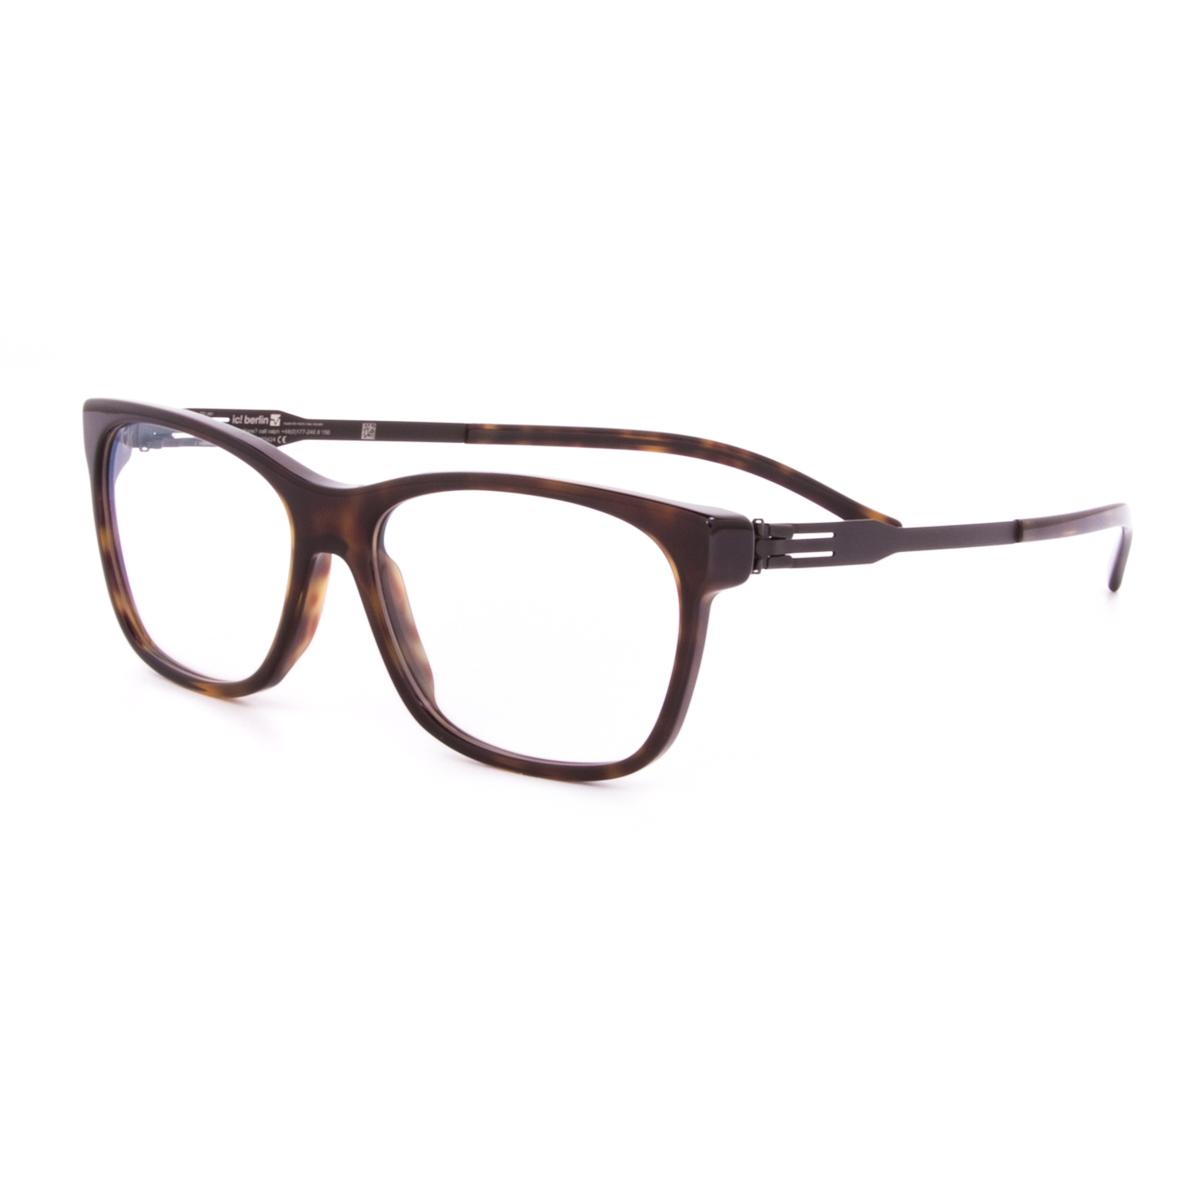 Ic Berlin Eyeglasses Frames Model Wissam : ic! Berlin Nadine A. Eyeglasses Brown Havanna Black / RX ...